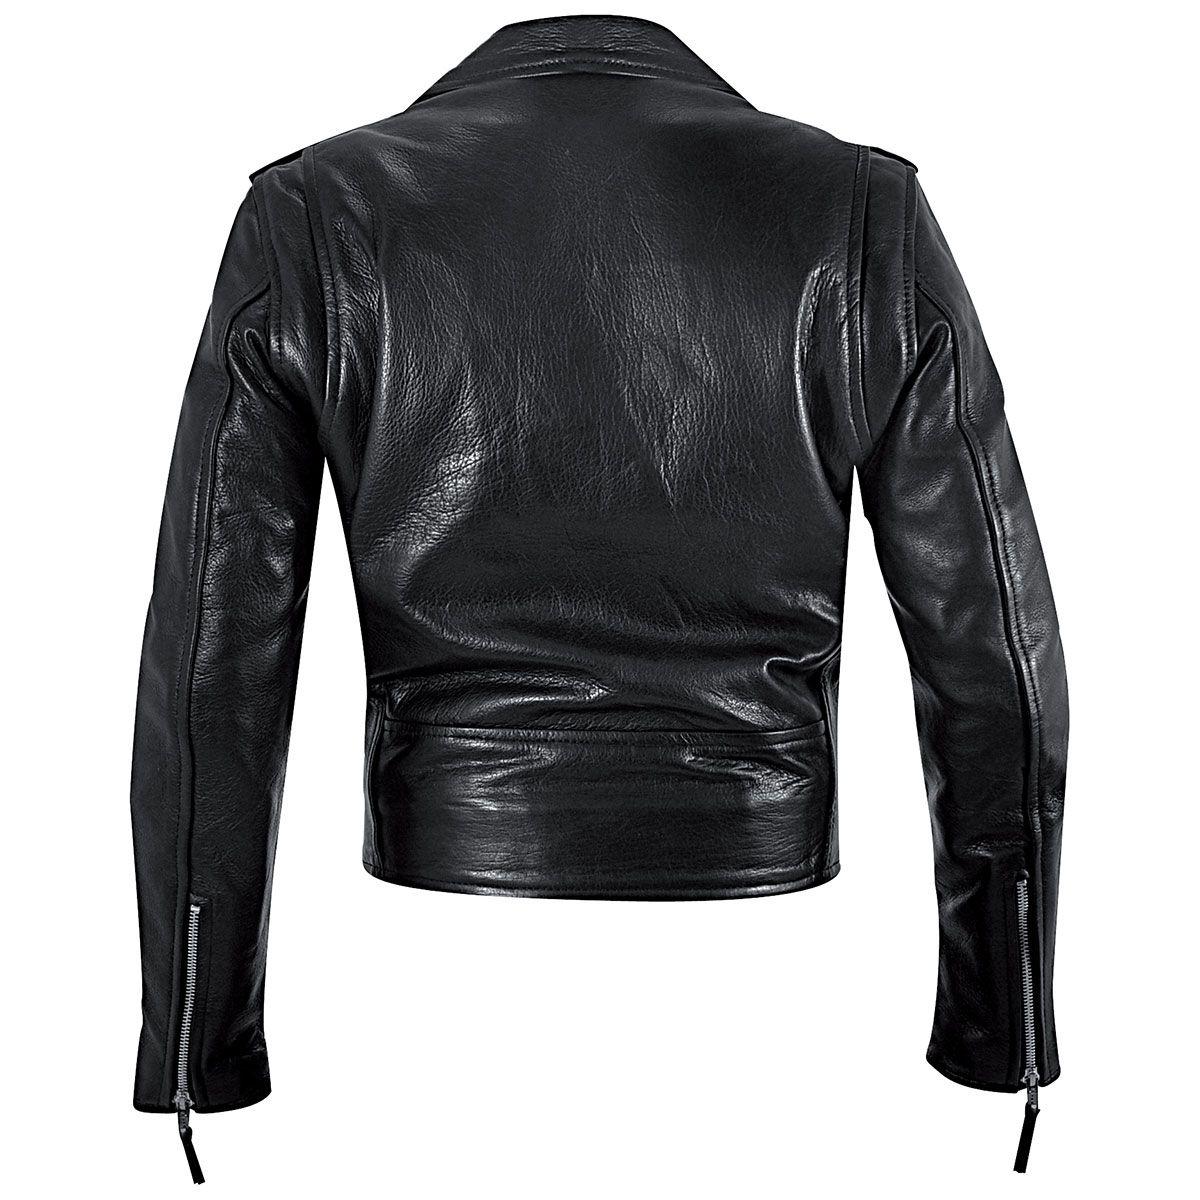 Blouson Cuir Femme OSX - Brando Lady Jacket - Rock A Gogo c86d6f3334fe